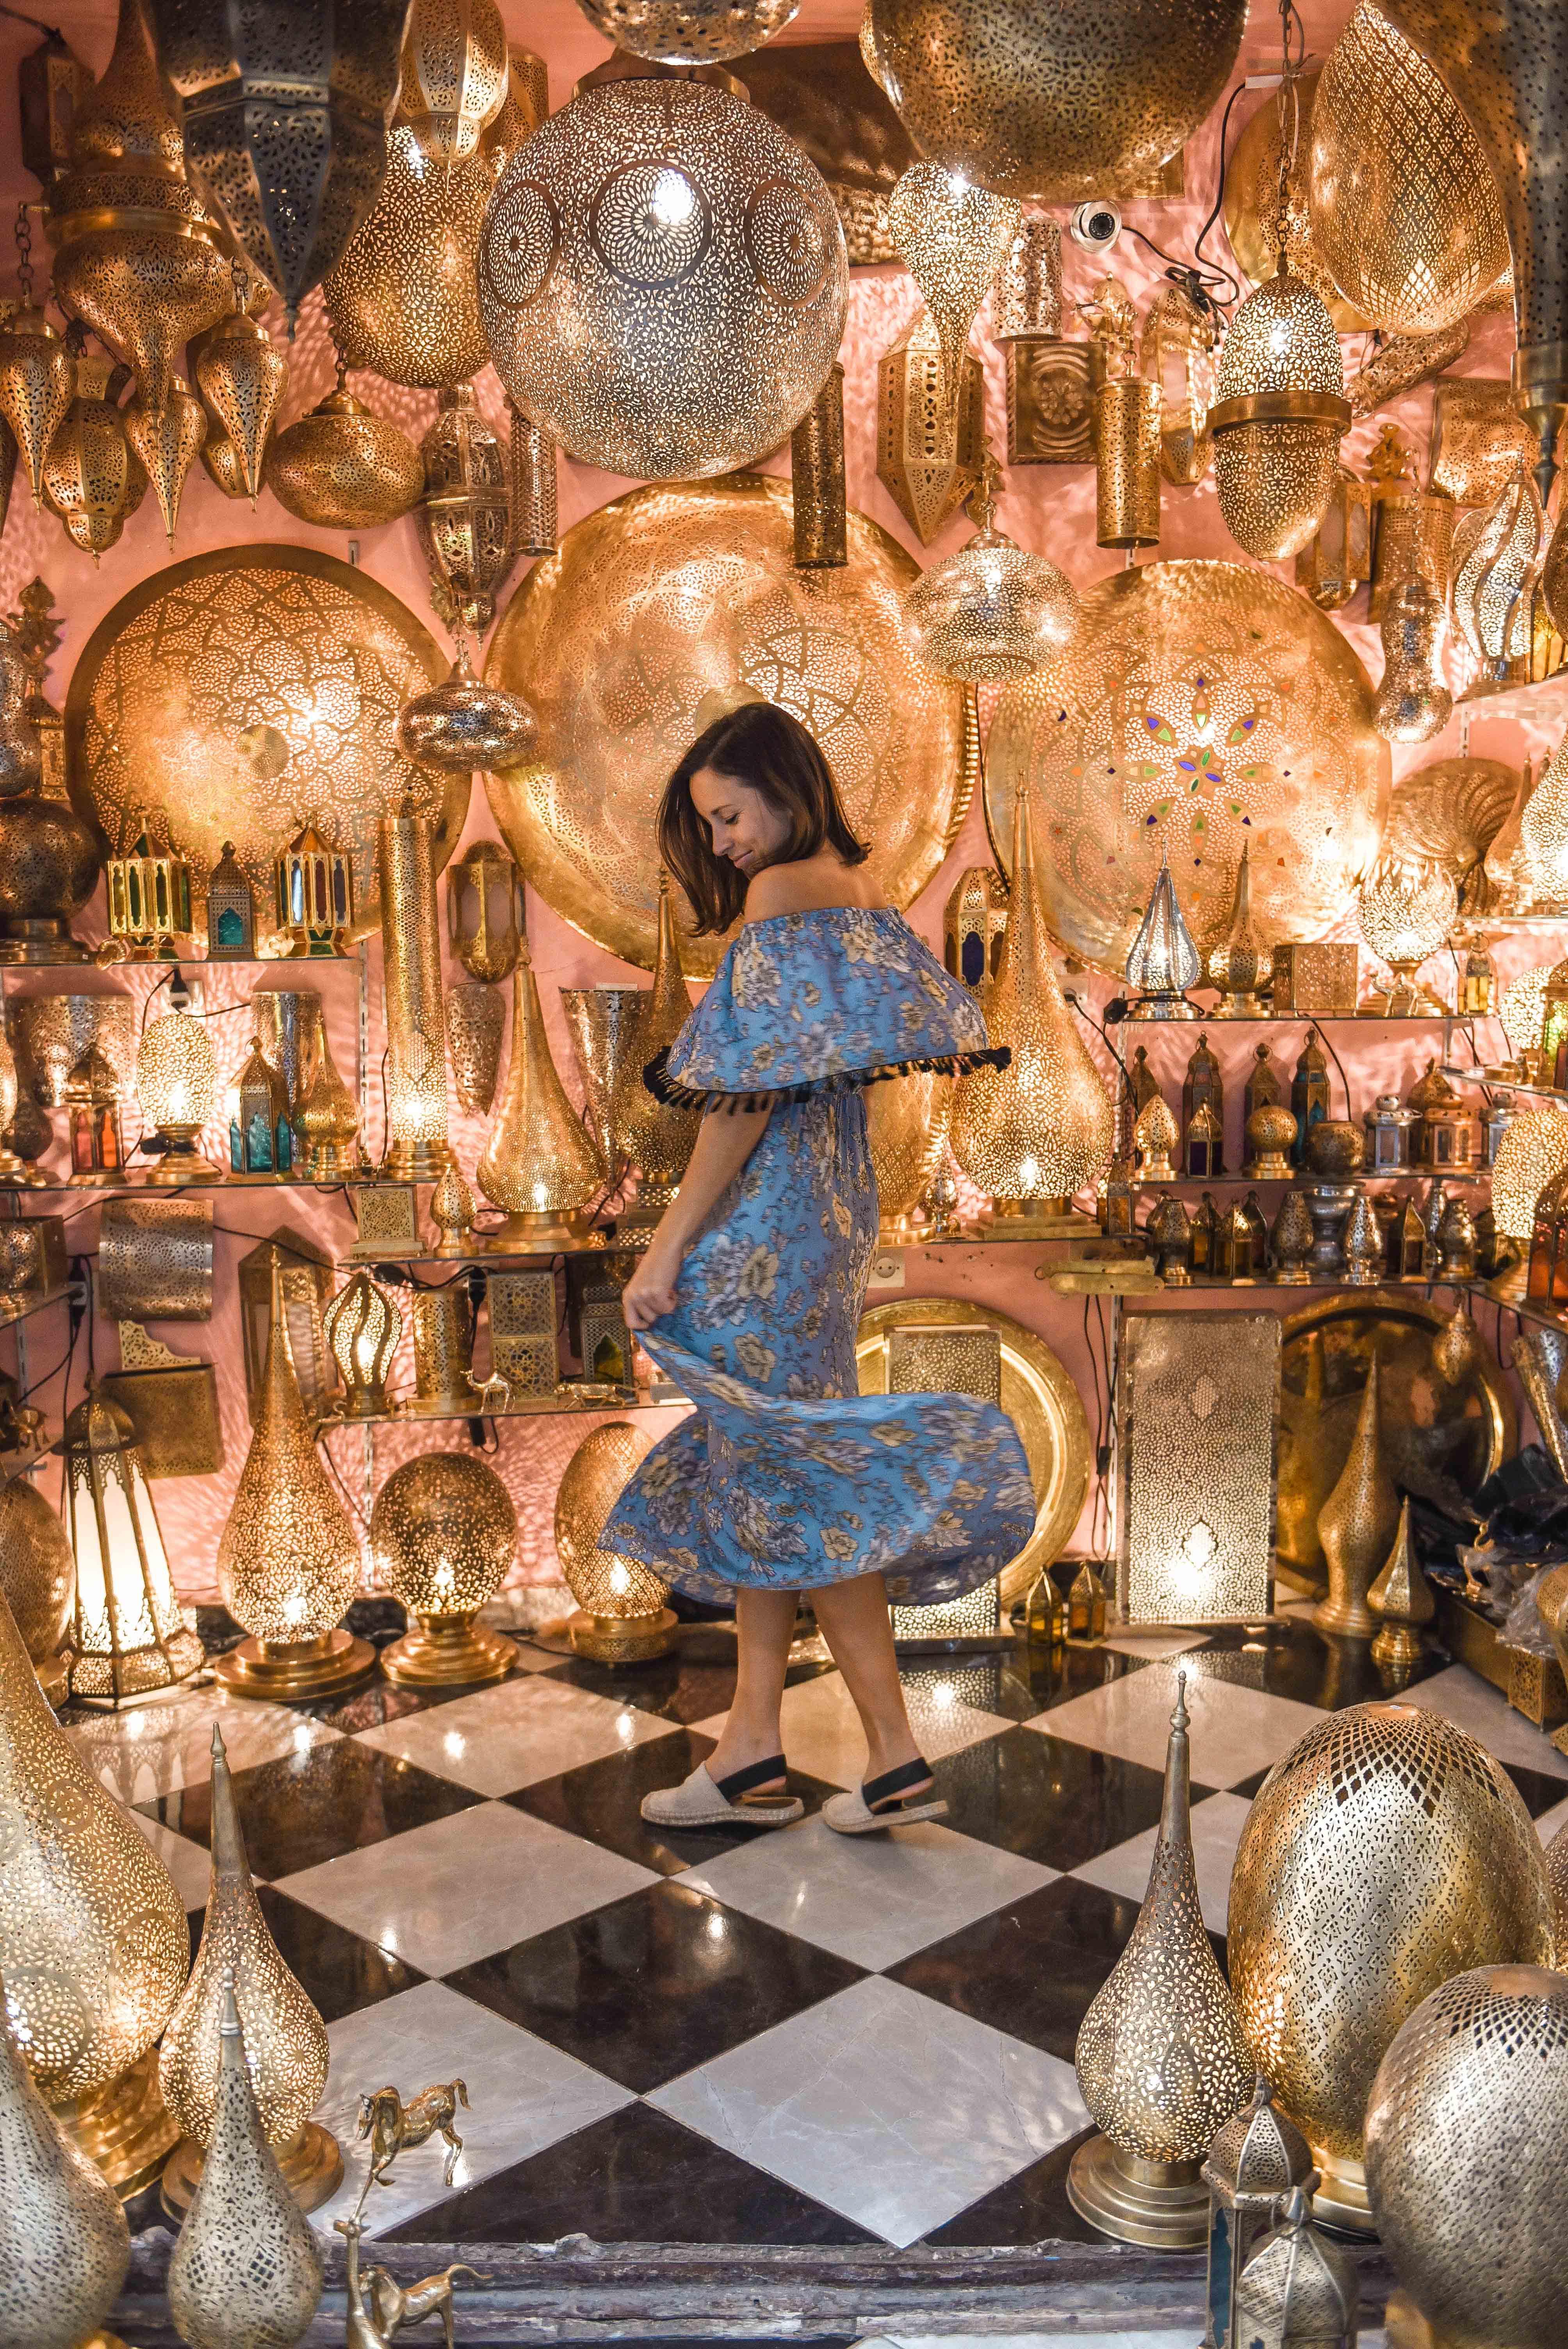 Lulu spinning in a market in fez